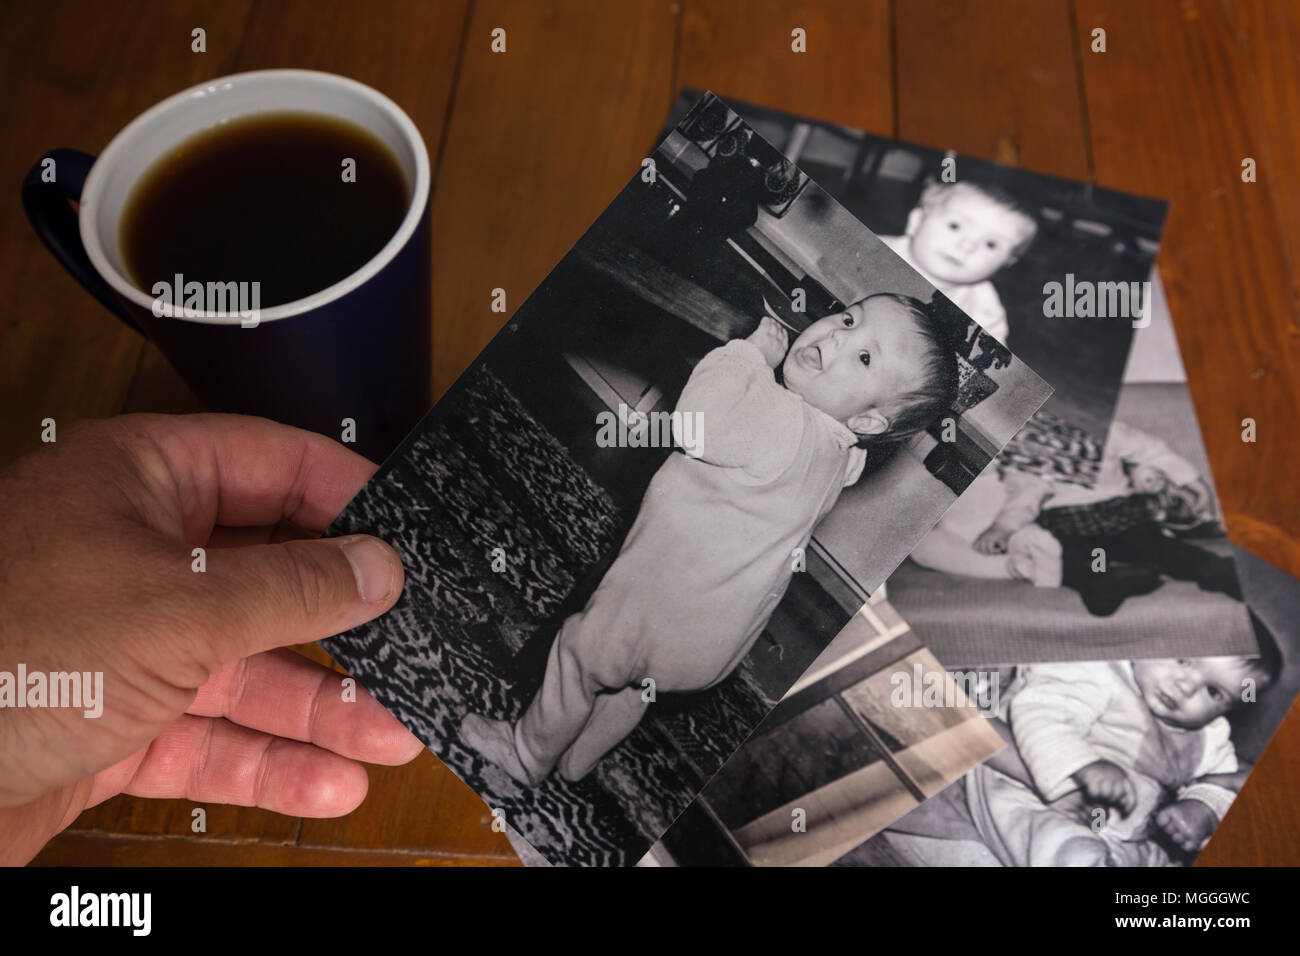 Una persona mirando a través de fotos antiguas, con un sentimiento de nostalgia. Imagen De Stock